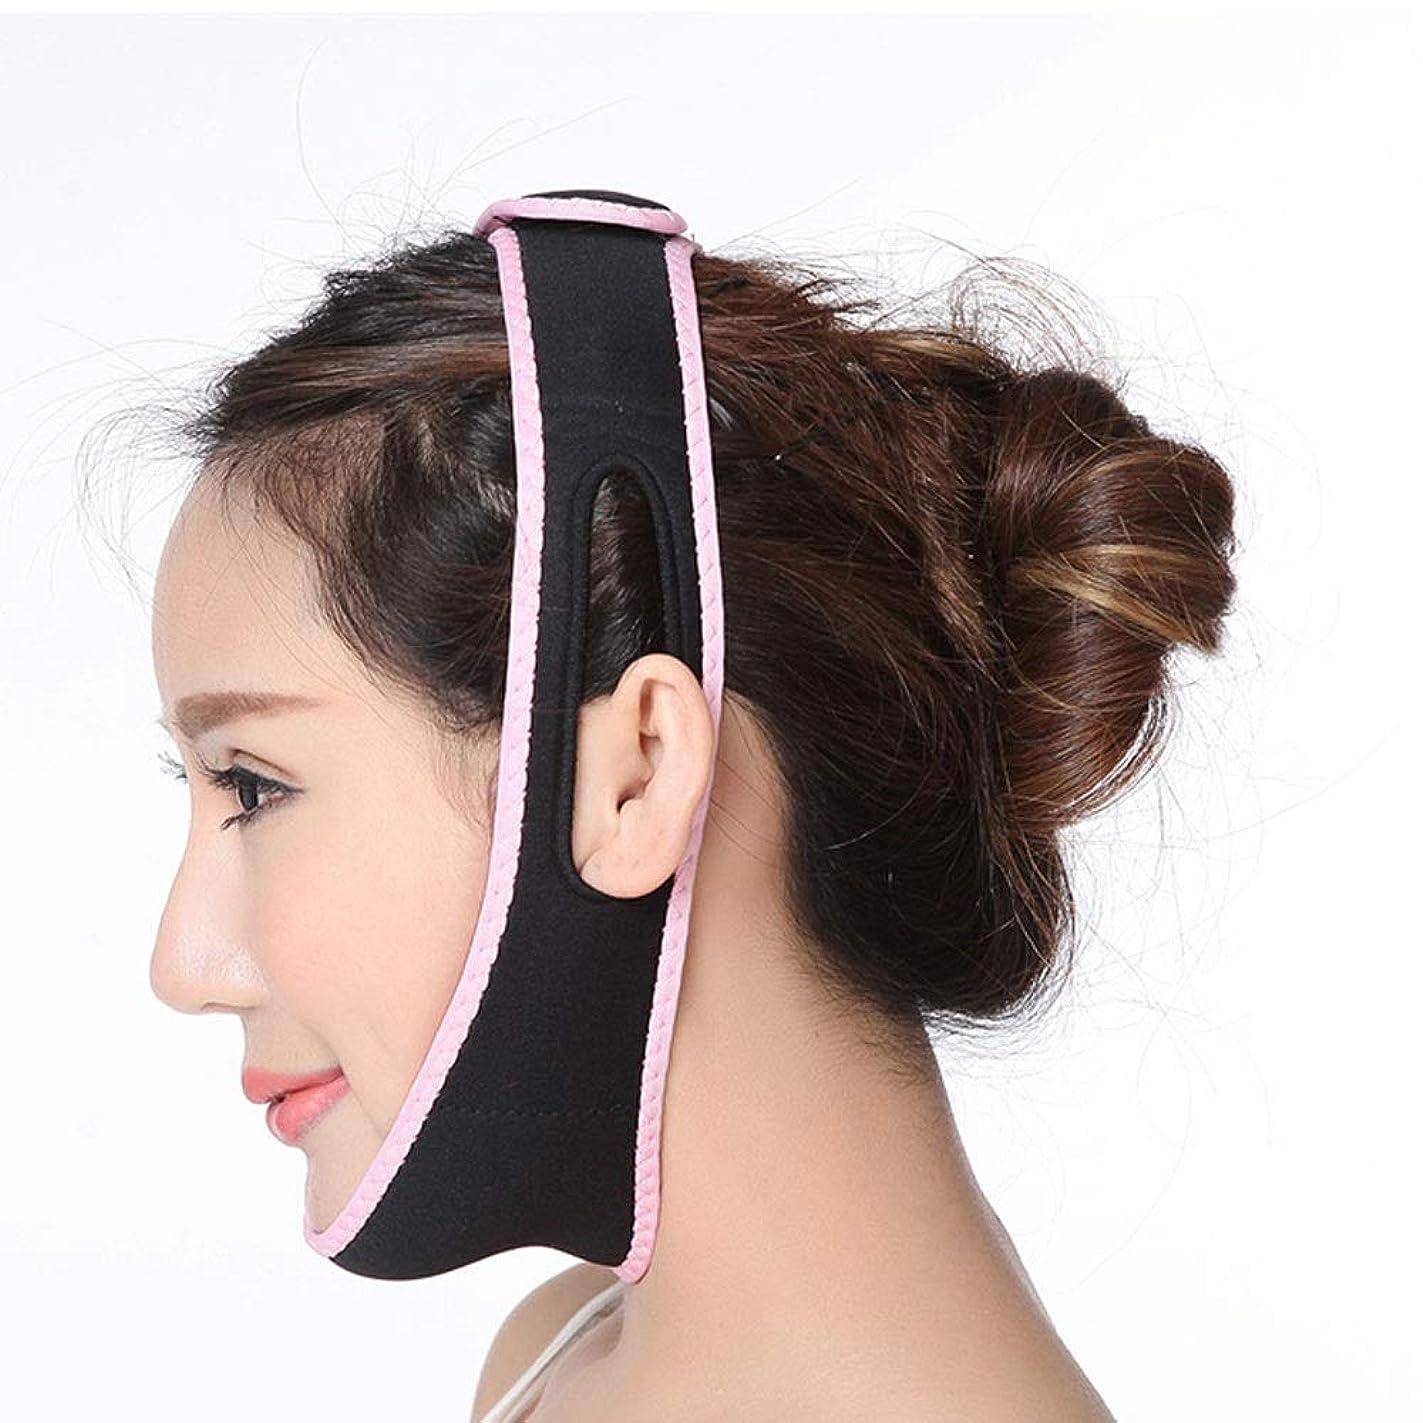 修士号暗黙こんにちはJia Jia- フェイスリフティングアーティファクト3D薄型フェイス付き薄型シンフェイスマスク小型Vフェイス包帯二重あごフェイスリフティングデバイスリフティングファーミング - ブラック 顔面包帯